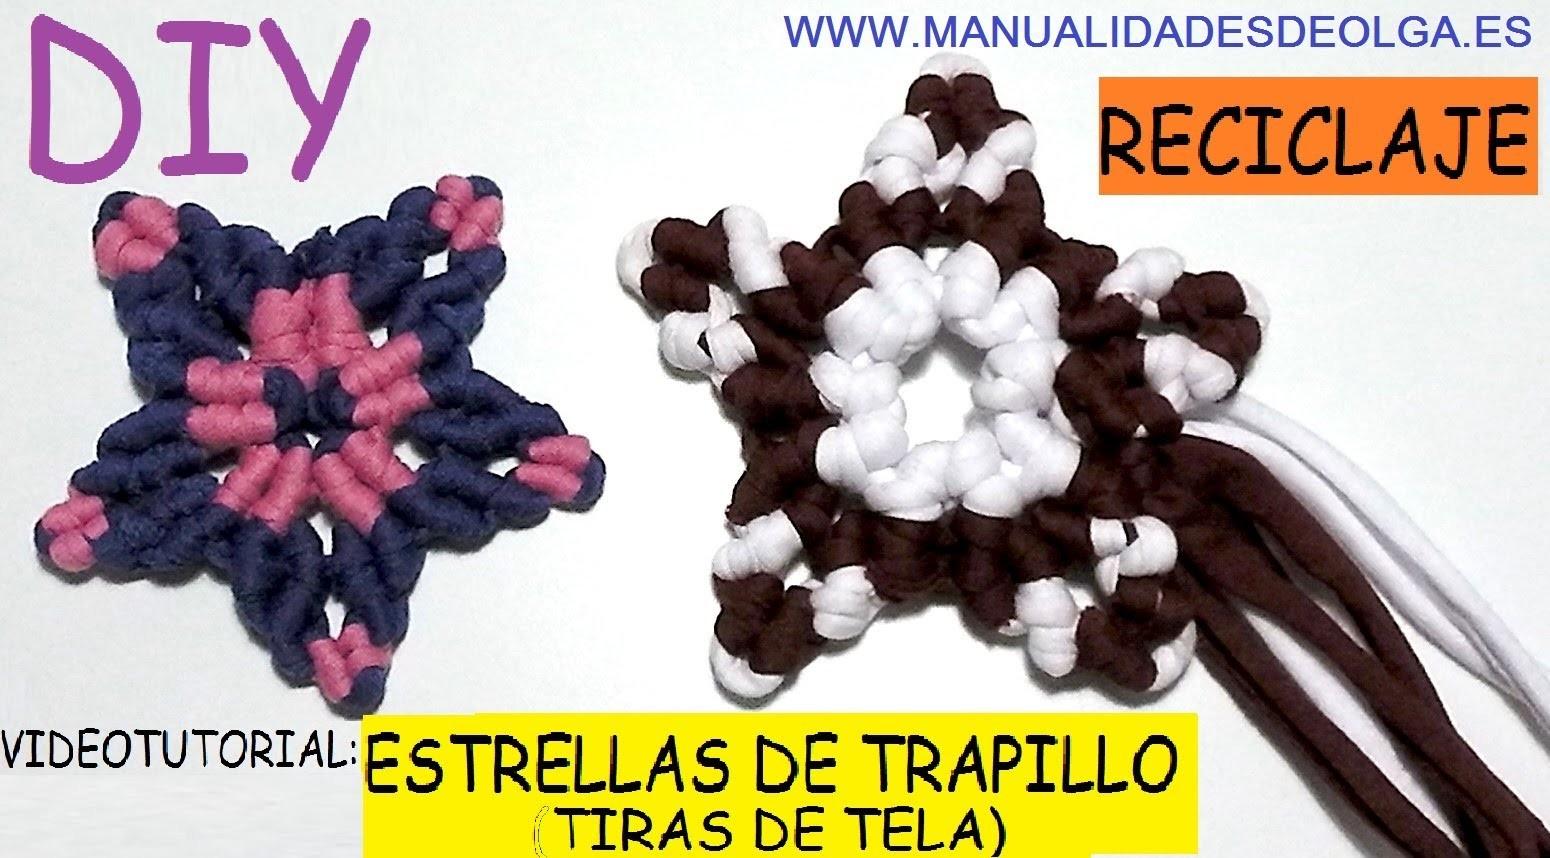 COMO HACER UNA ESTRELLA DE TRAPILLO (RECICLANDO TIRAS DE TELA) CON NUDOS DE MACRAME. TUTORIAL DIY